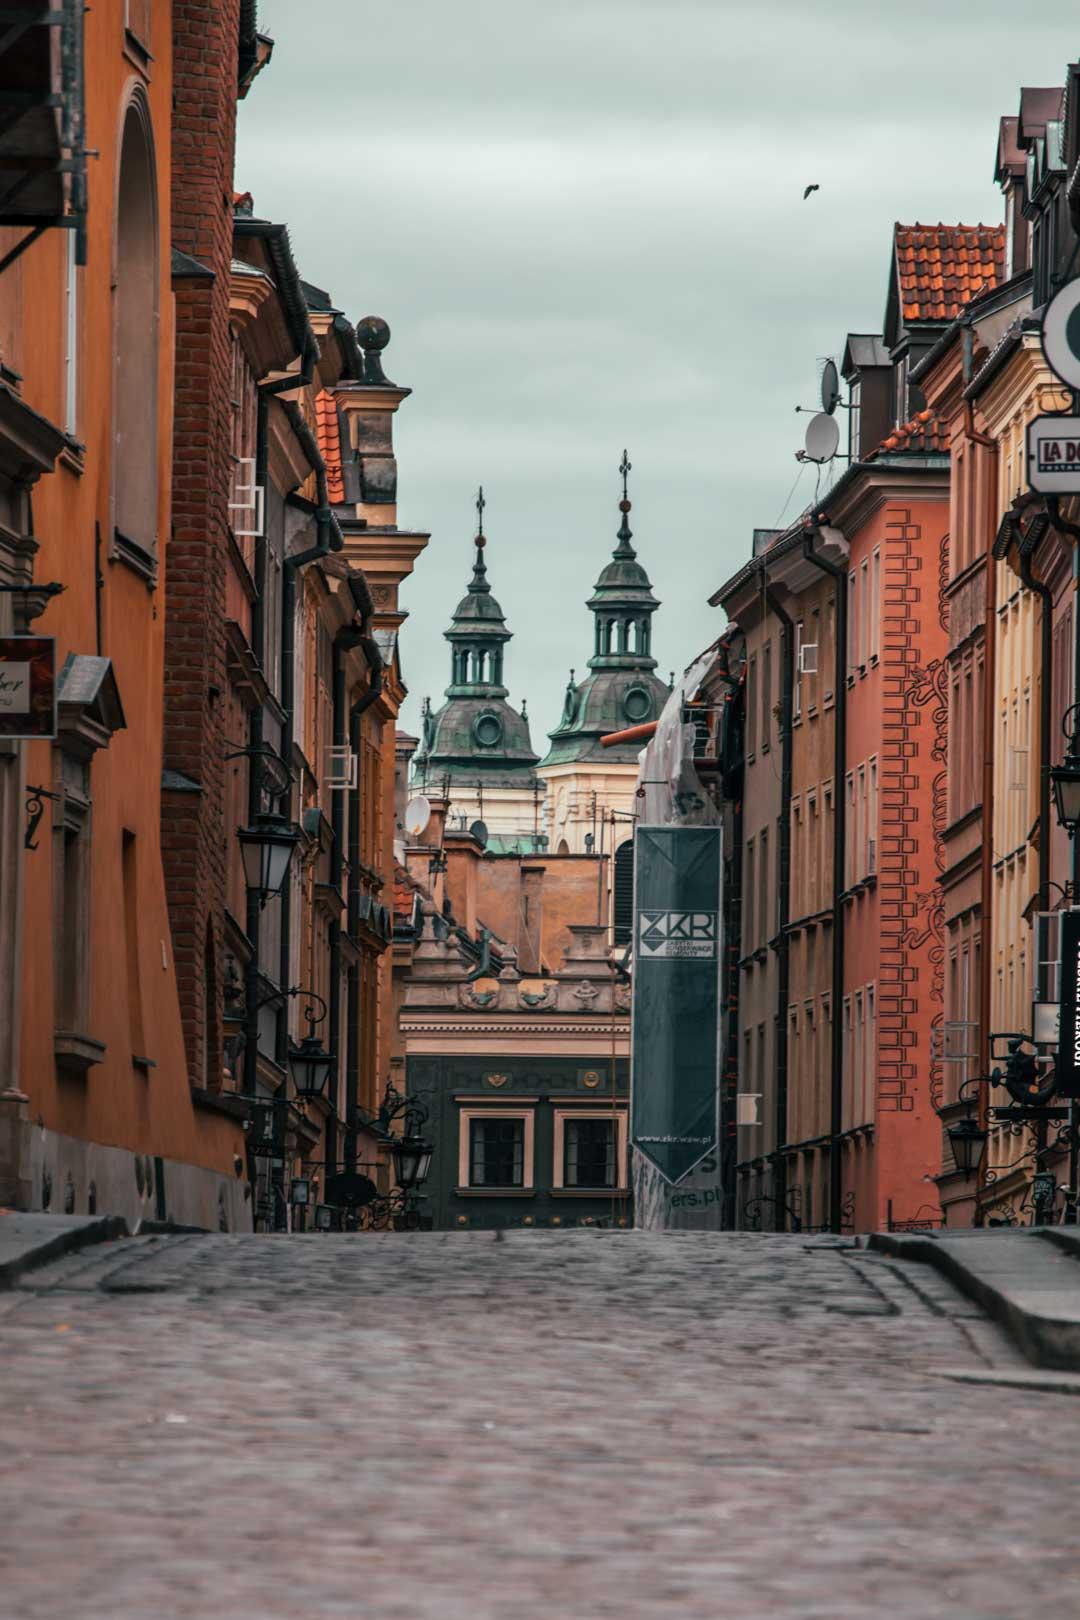 Φωτογραφία στη Βαρσοβία travelshare.gr στενό στη παλιά πόλη